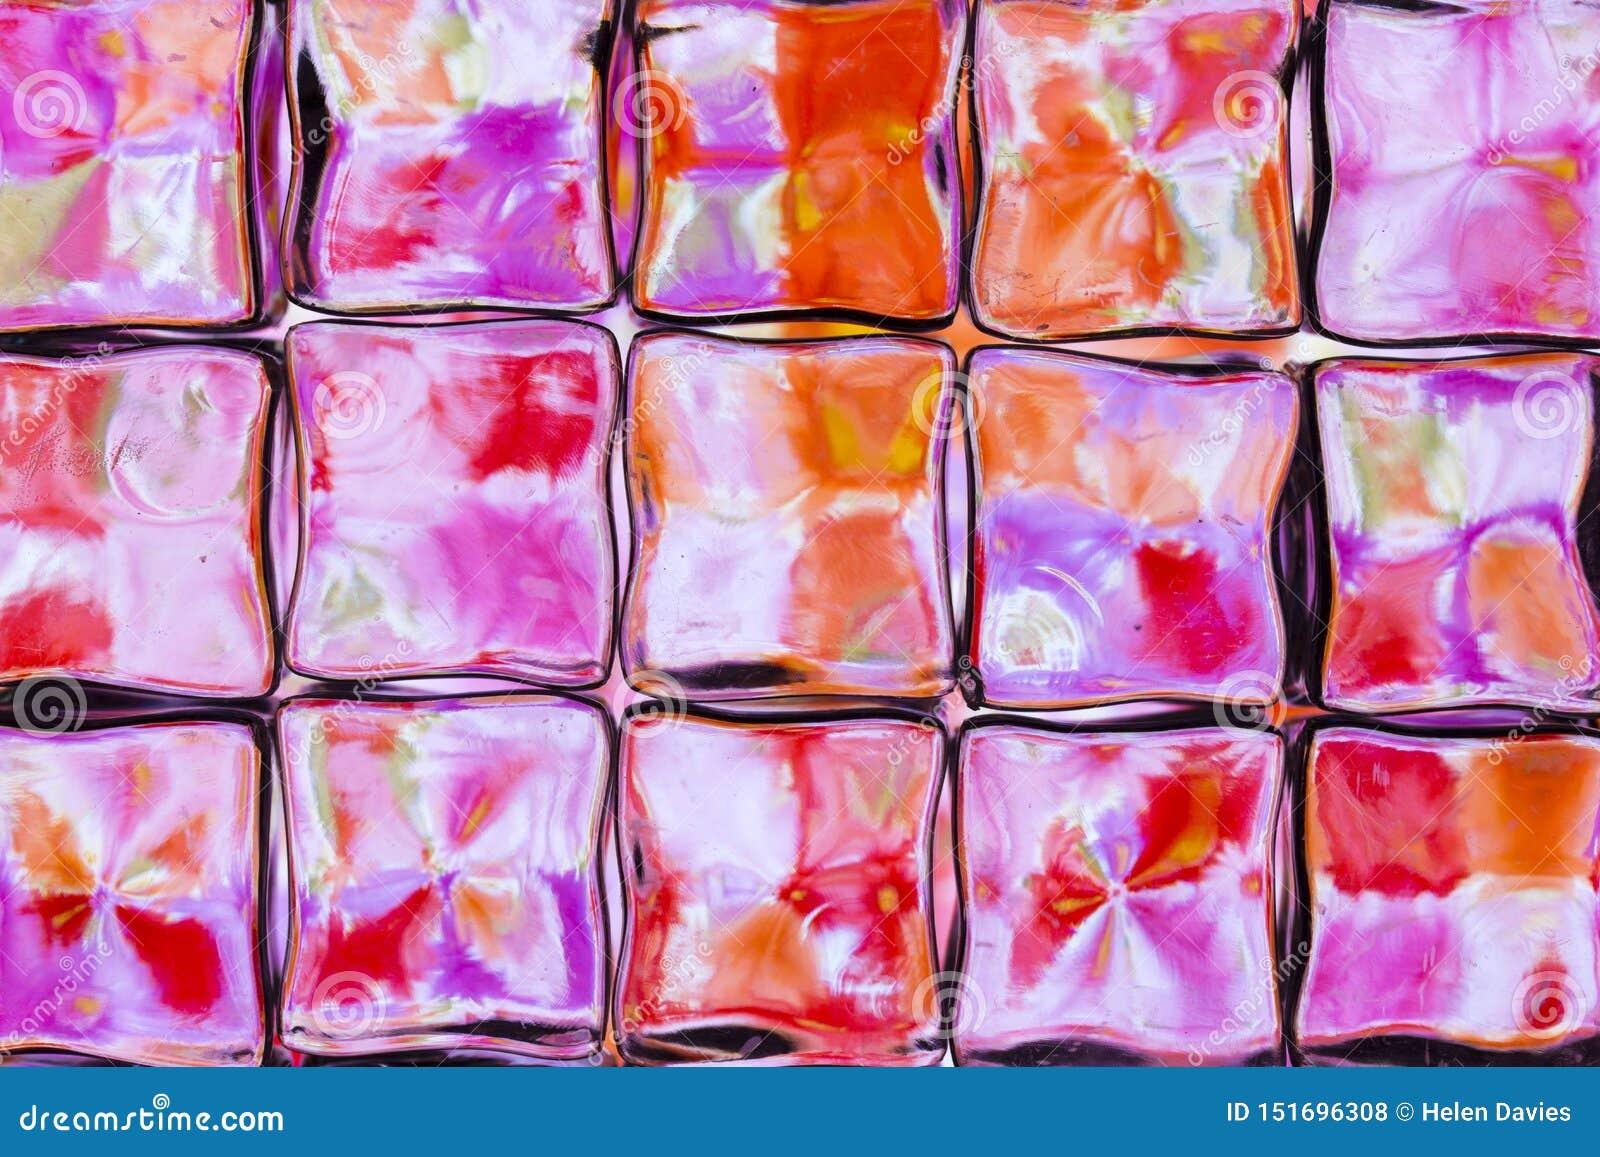 Pared brillantemente coloreada del bloque de cristal